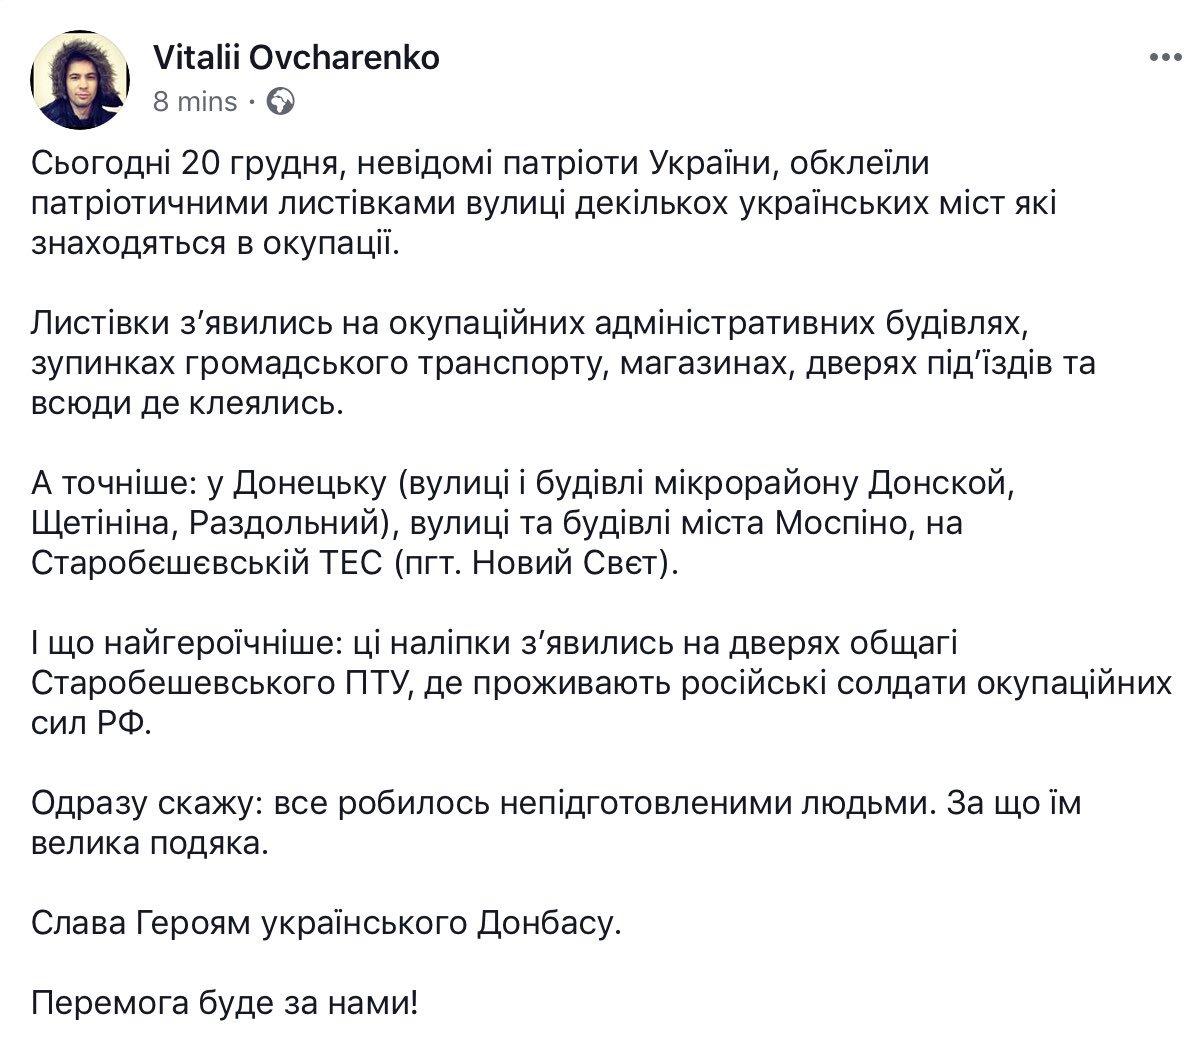 Українські патріоти влаштували масштабну акцію на окупованому Донбасі: фото